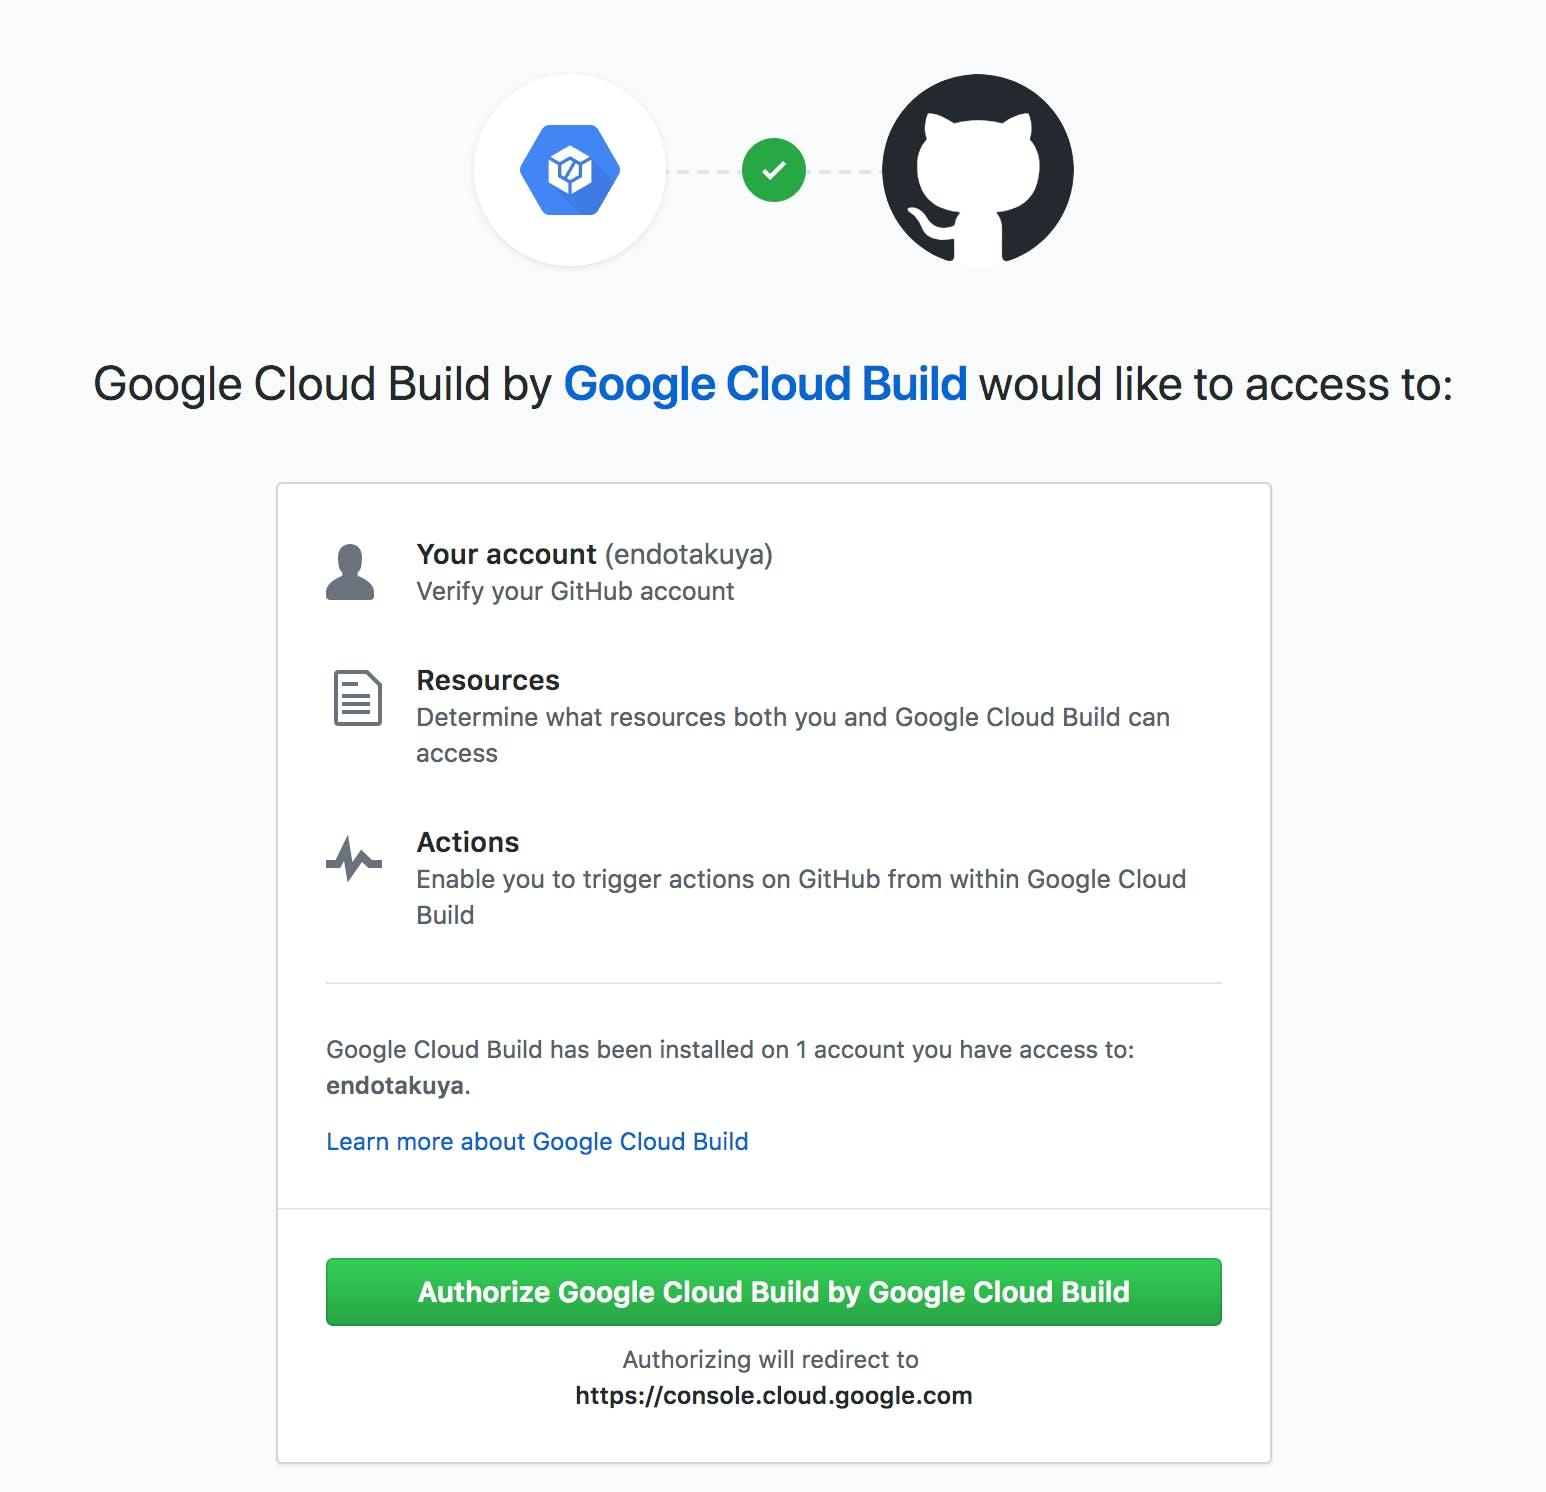 Google Cloud BuildでRSpecのテストを行う - Qiita